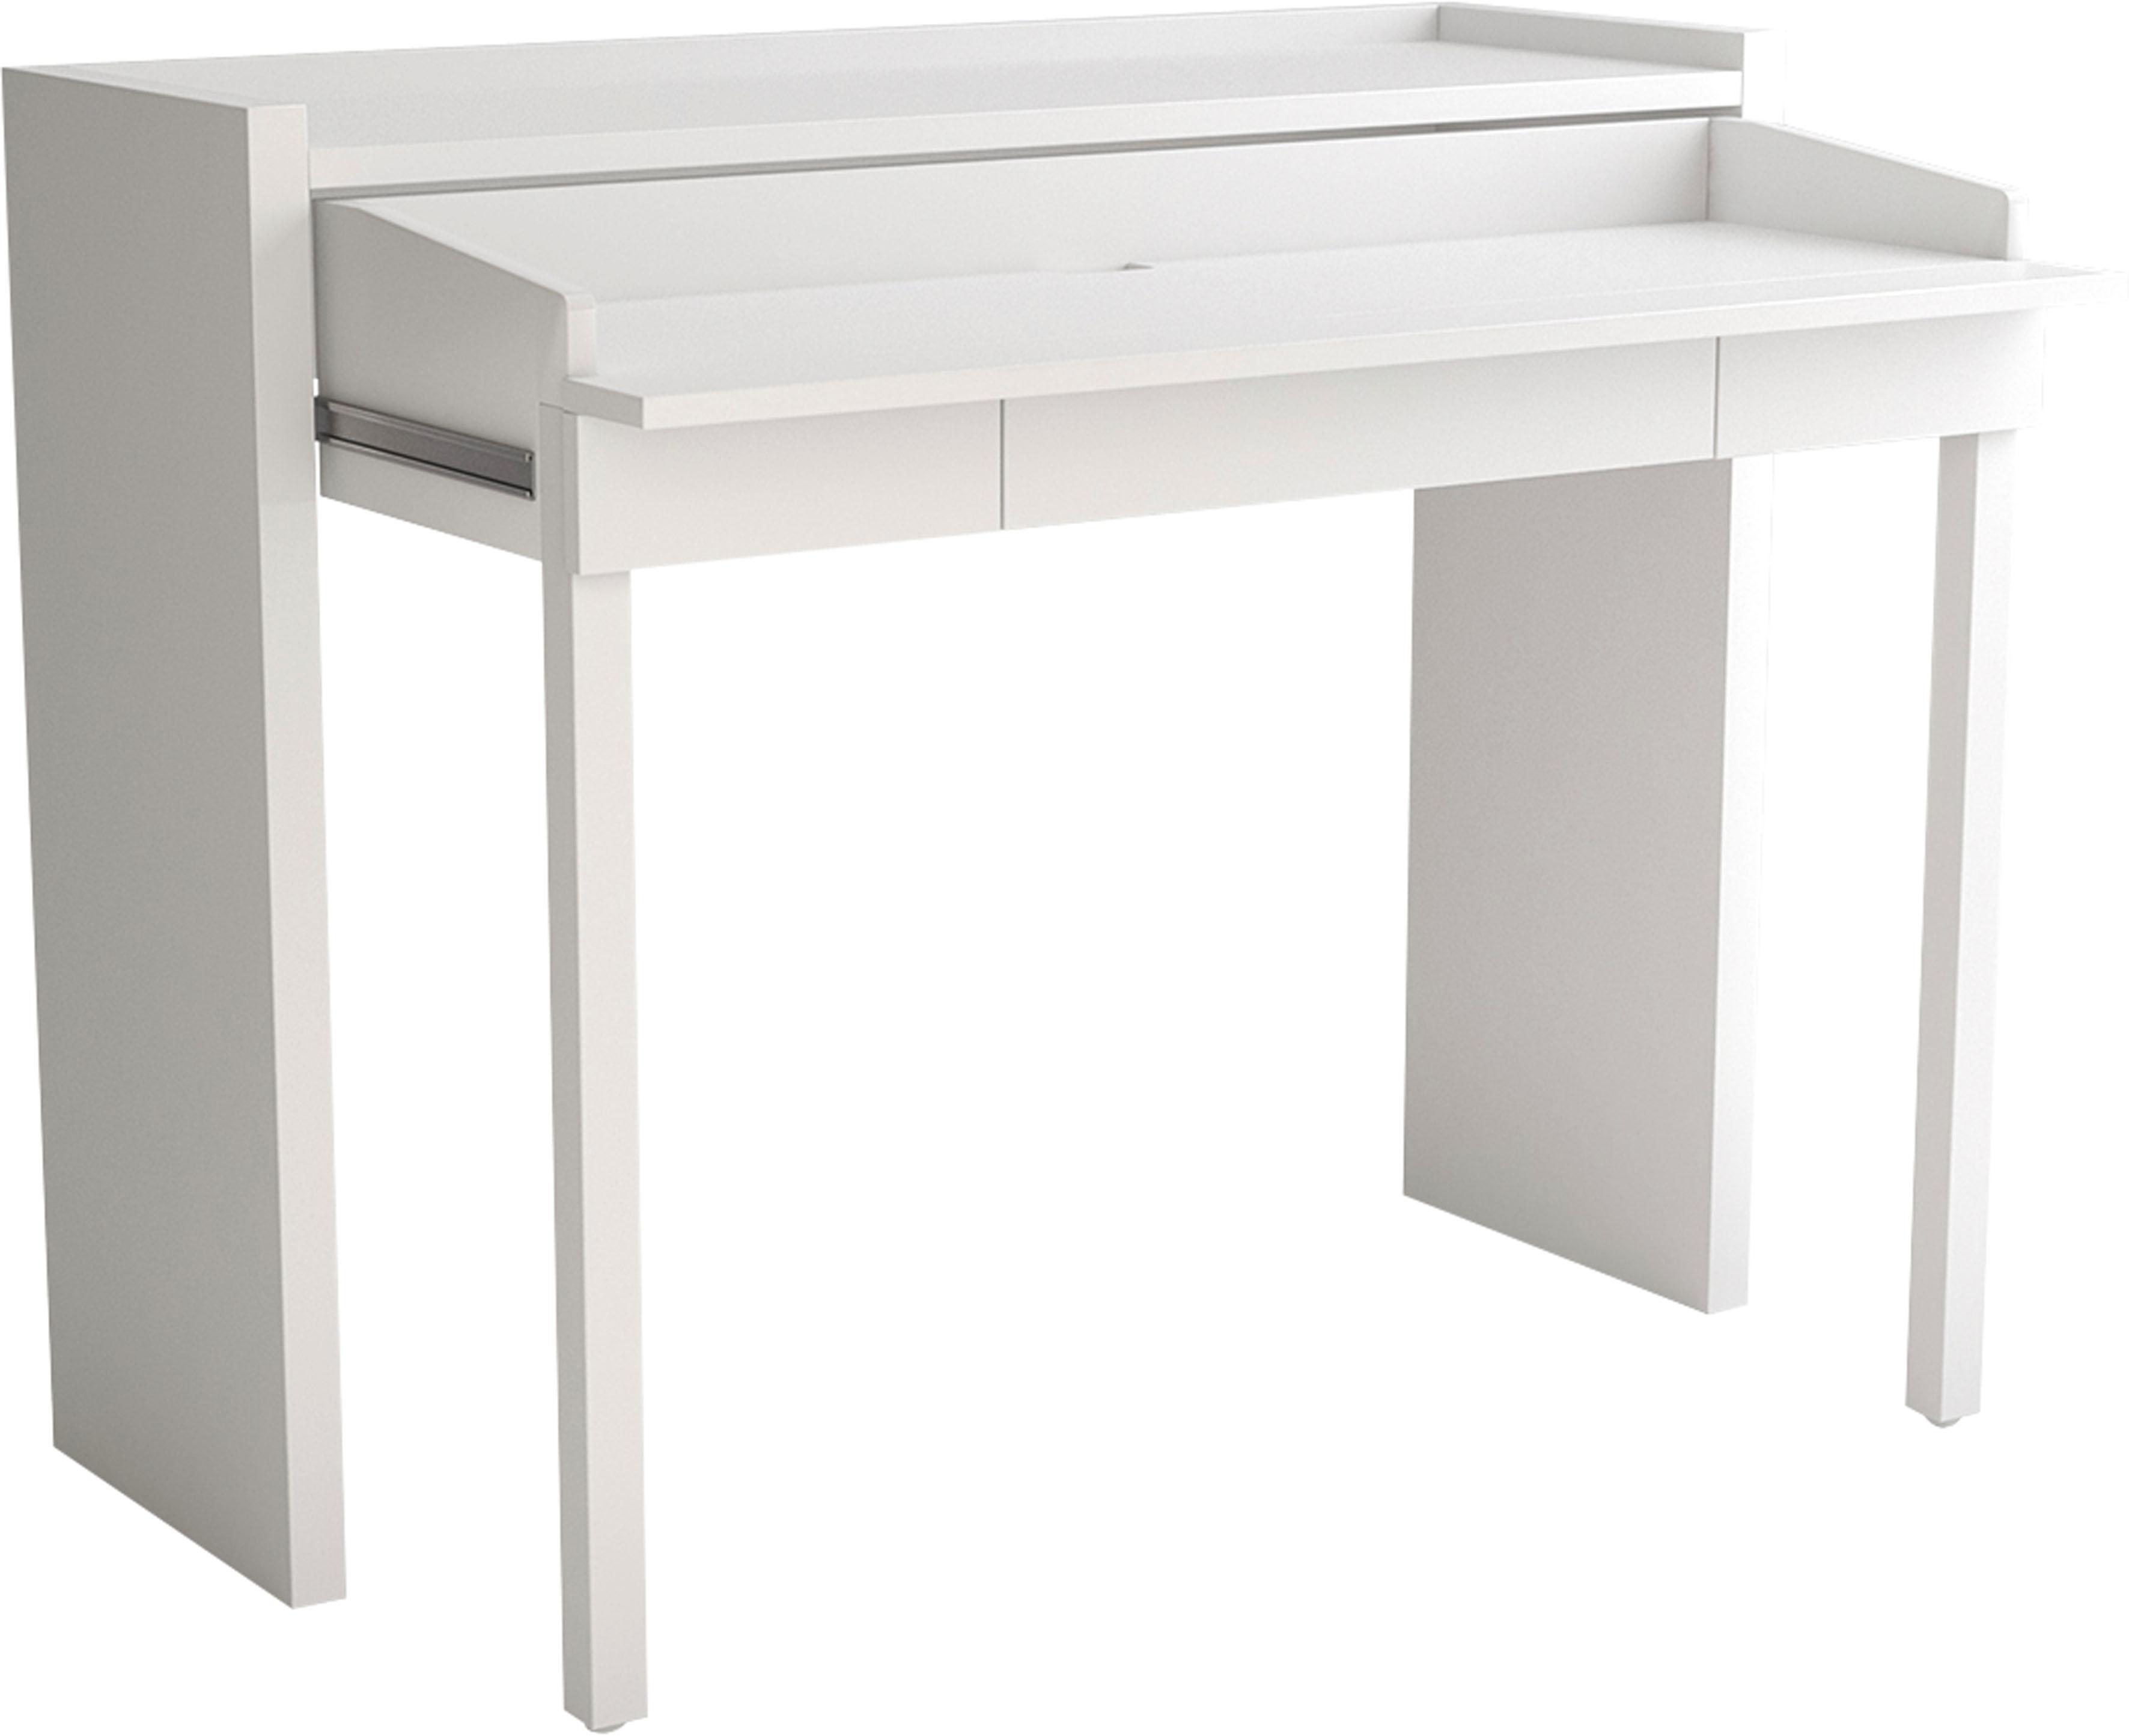 Schreibtisch extravagant  Woodman Schreibtisch »Jens« im extravaganten Design